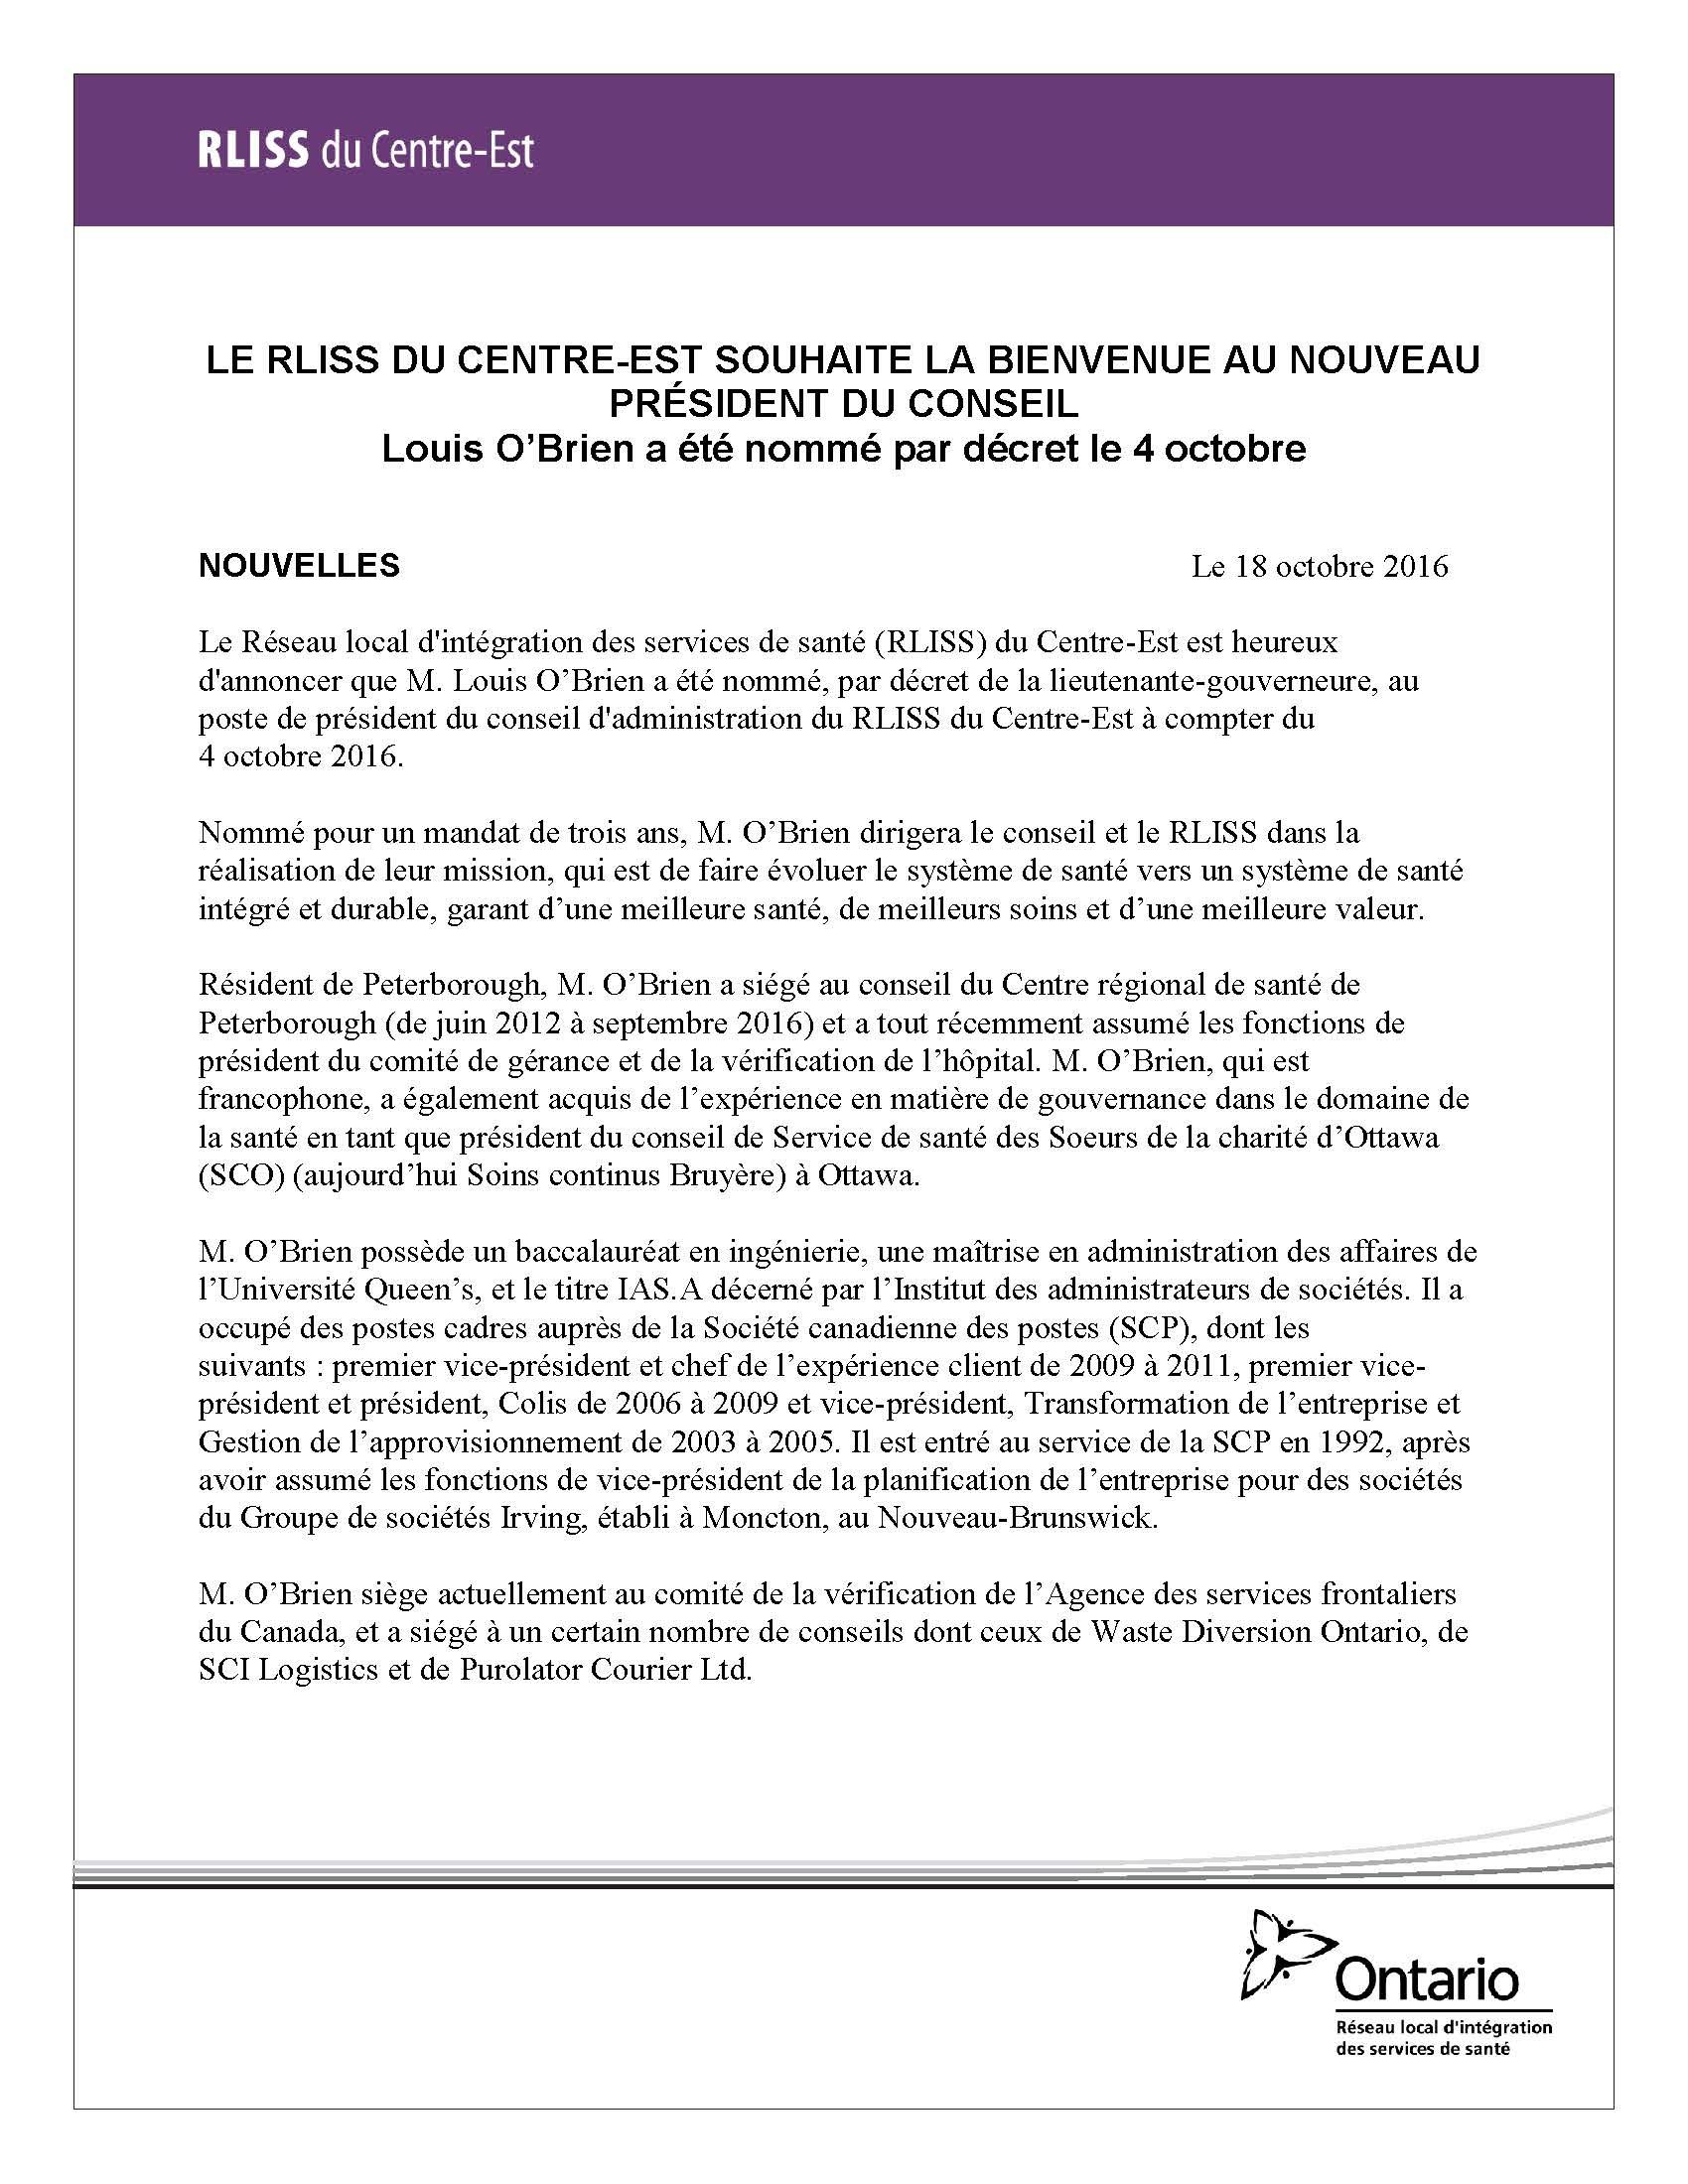 20161018_newboardchair_fr_final_page_1